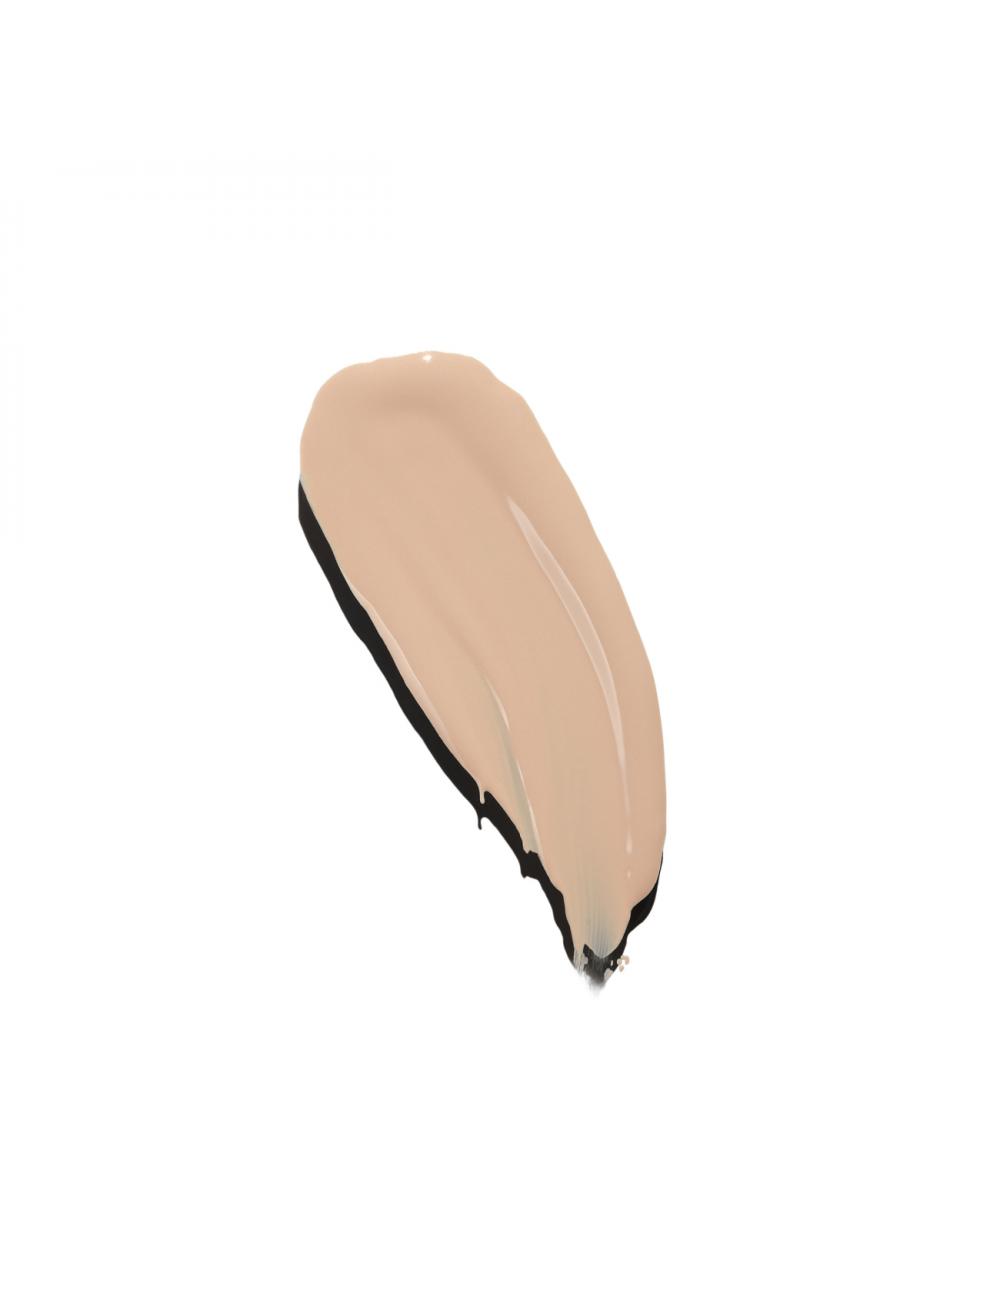 Kozmetika-Moja.Si NOAH 1.6 šampon za beljene, barvane in kemično obdelane lase